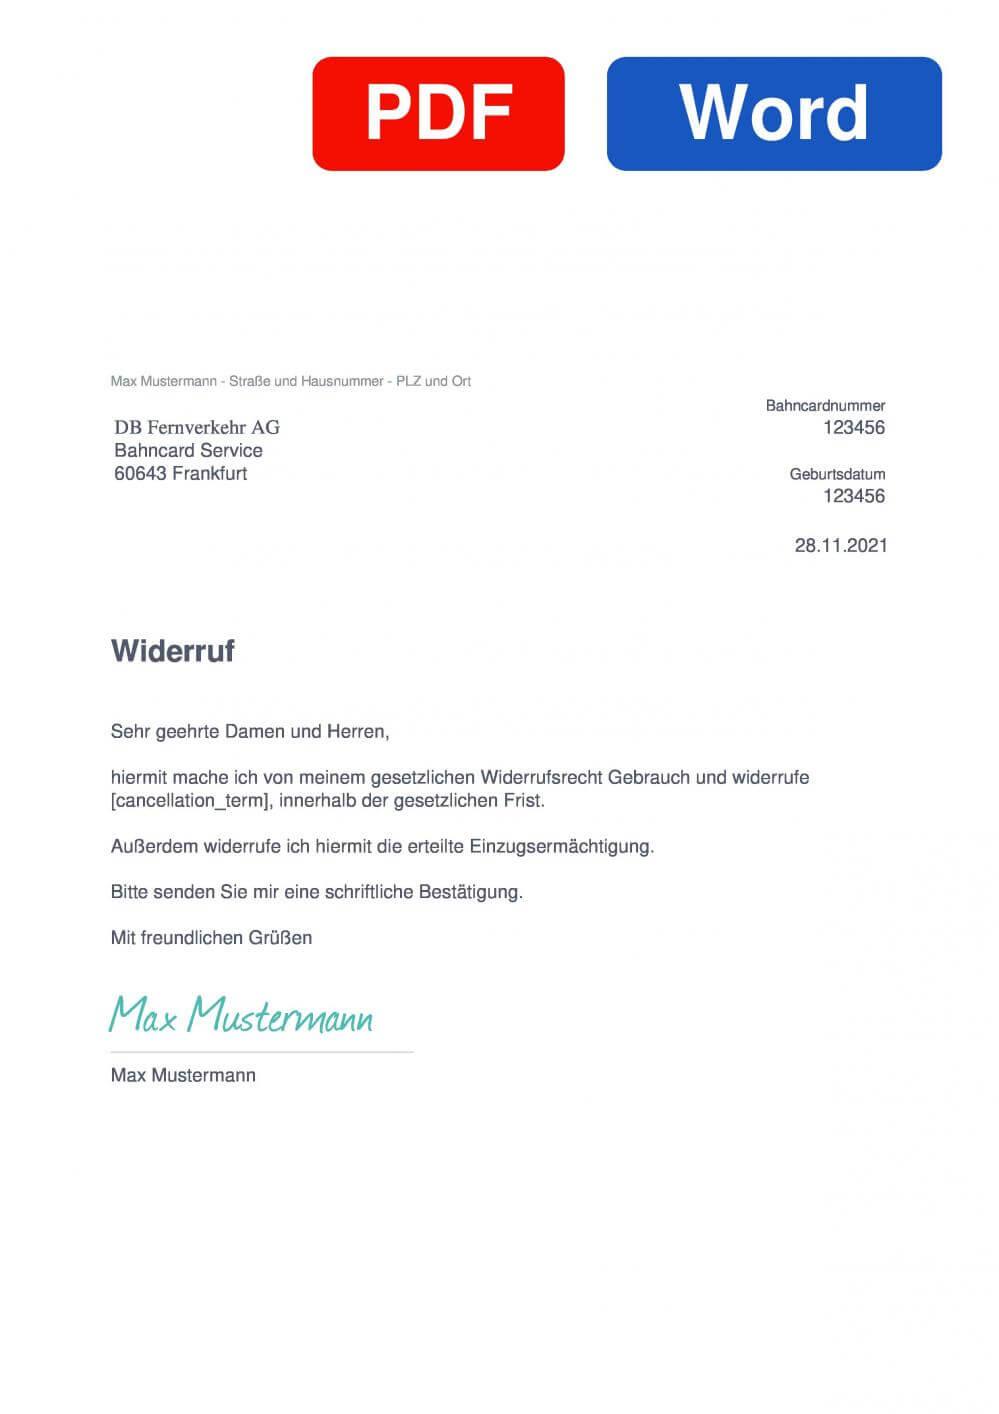 Deutsche Bahn BahnCard Muster Vorlage für Wiederrufsschreiben